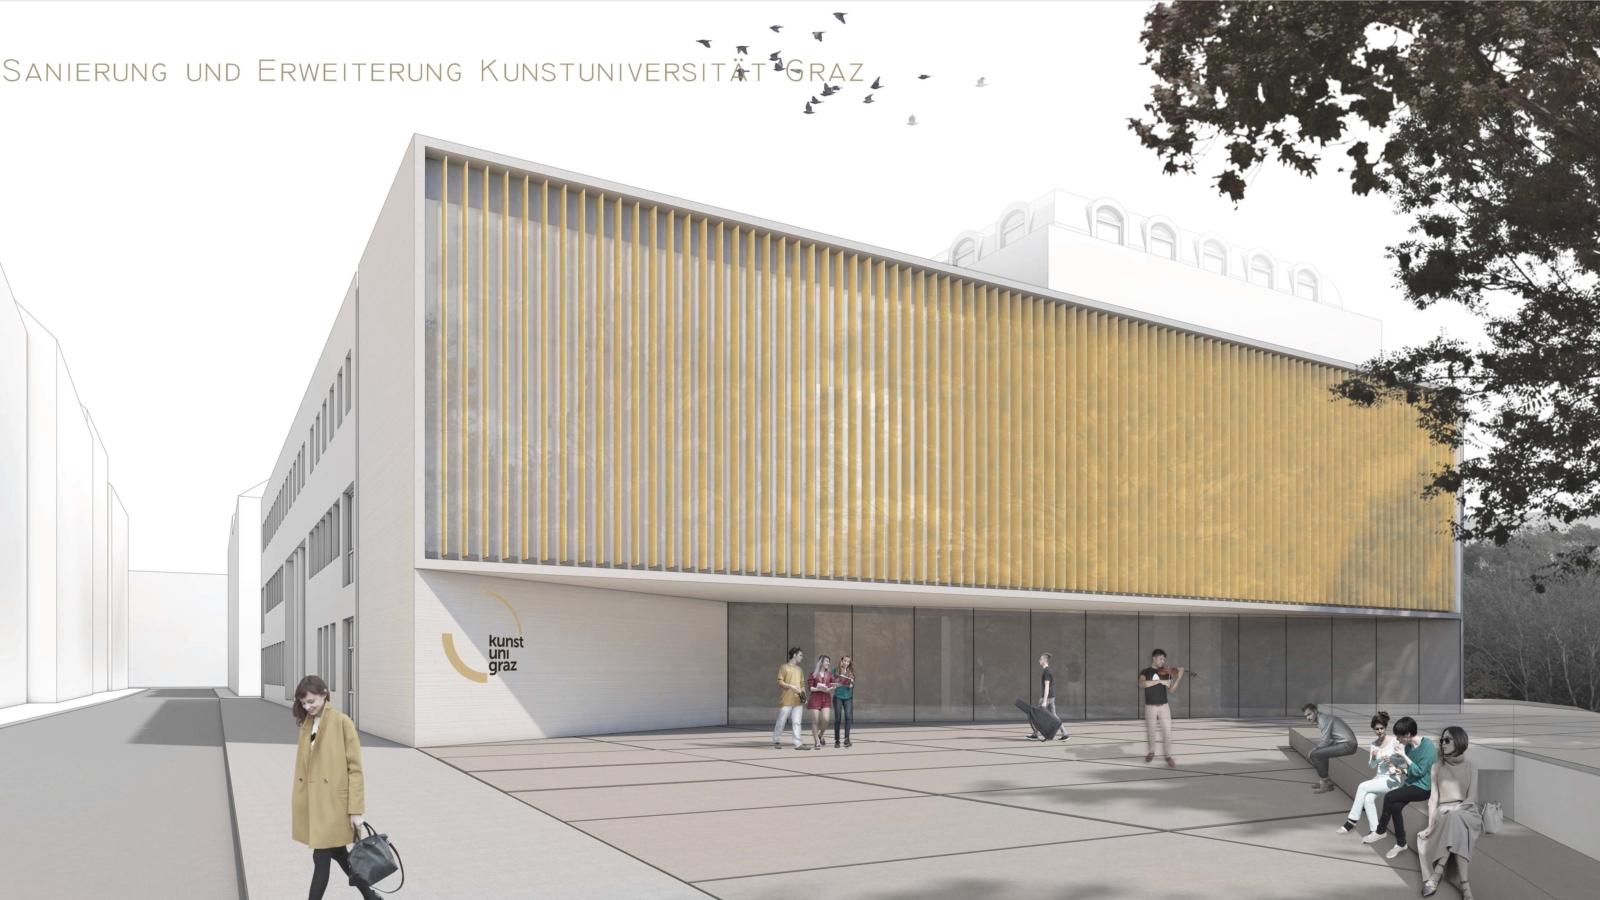 WETTBEWERB Sanierung und Erweiterung Kunstuniversität GRAZ Schaubild